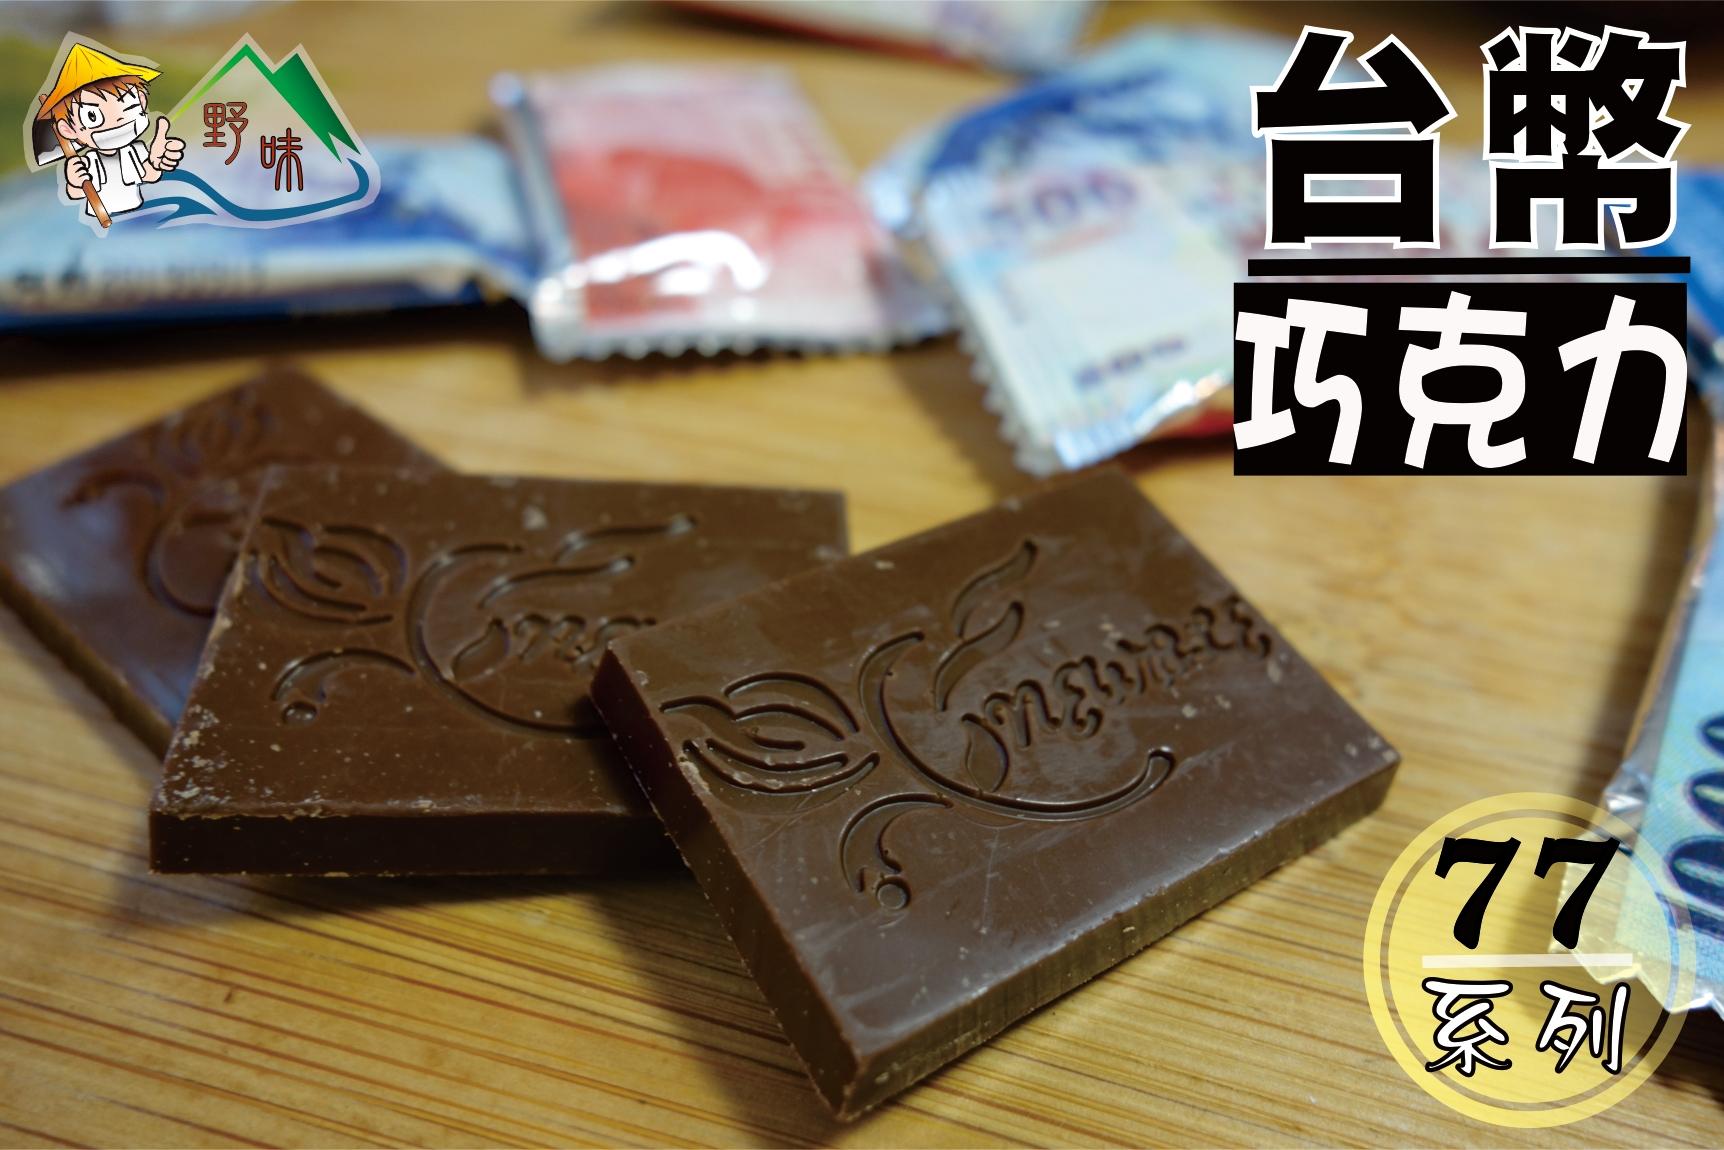 【野味食品】77巧克力 新台幣巧克力(鈔票巧克力) (145g/包,360g/包)